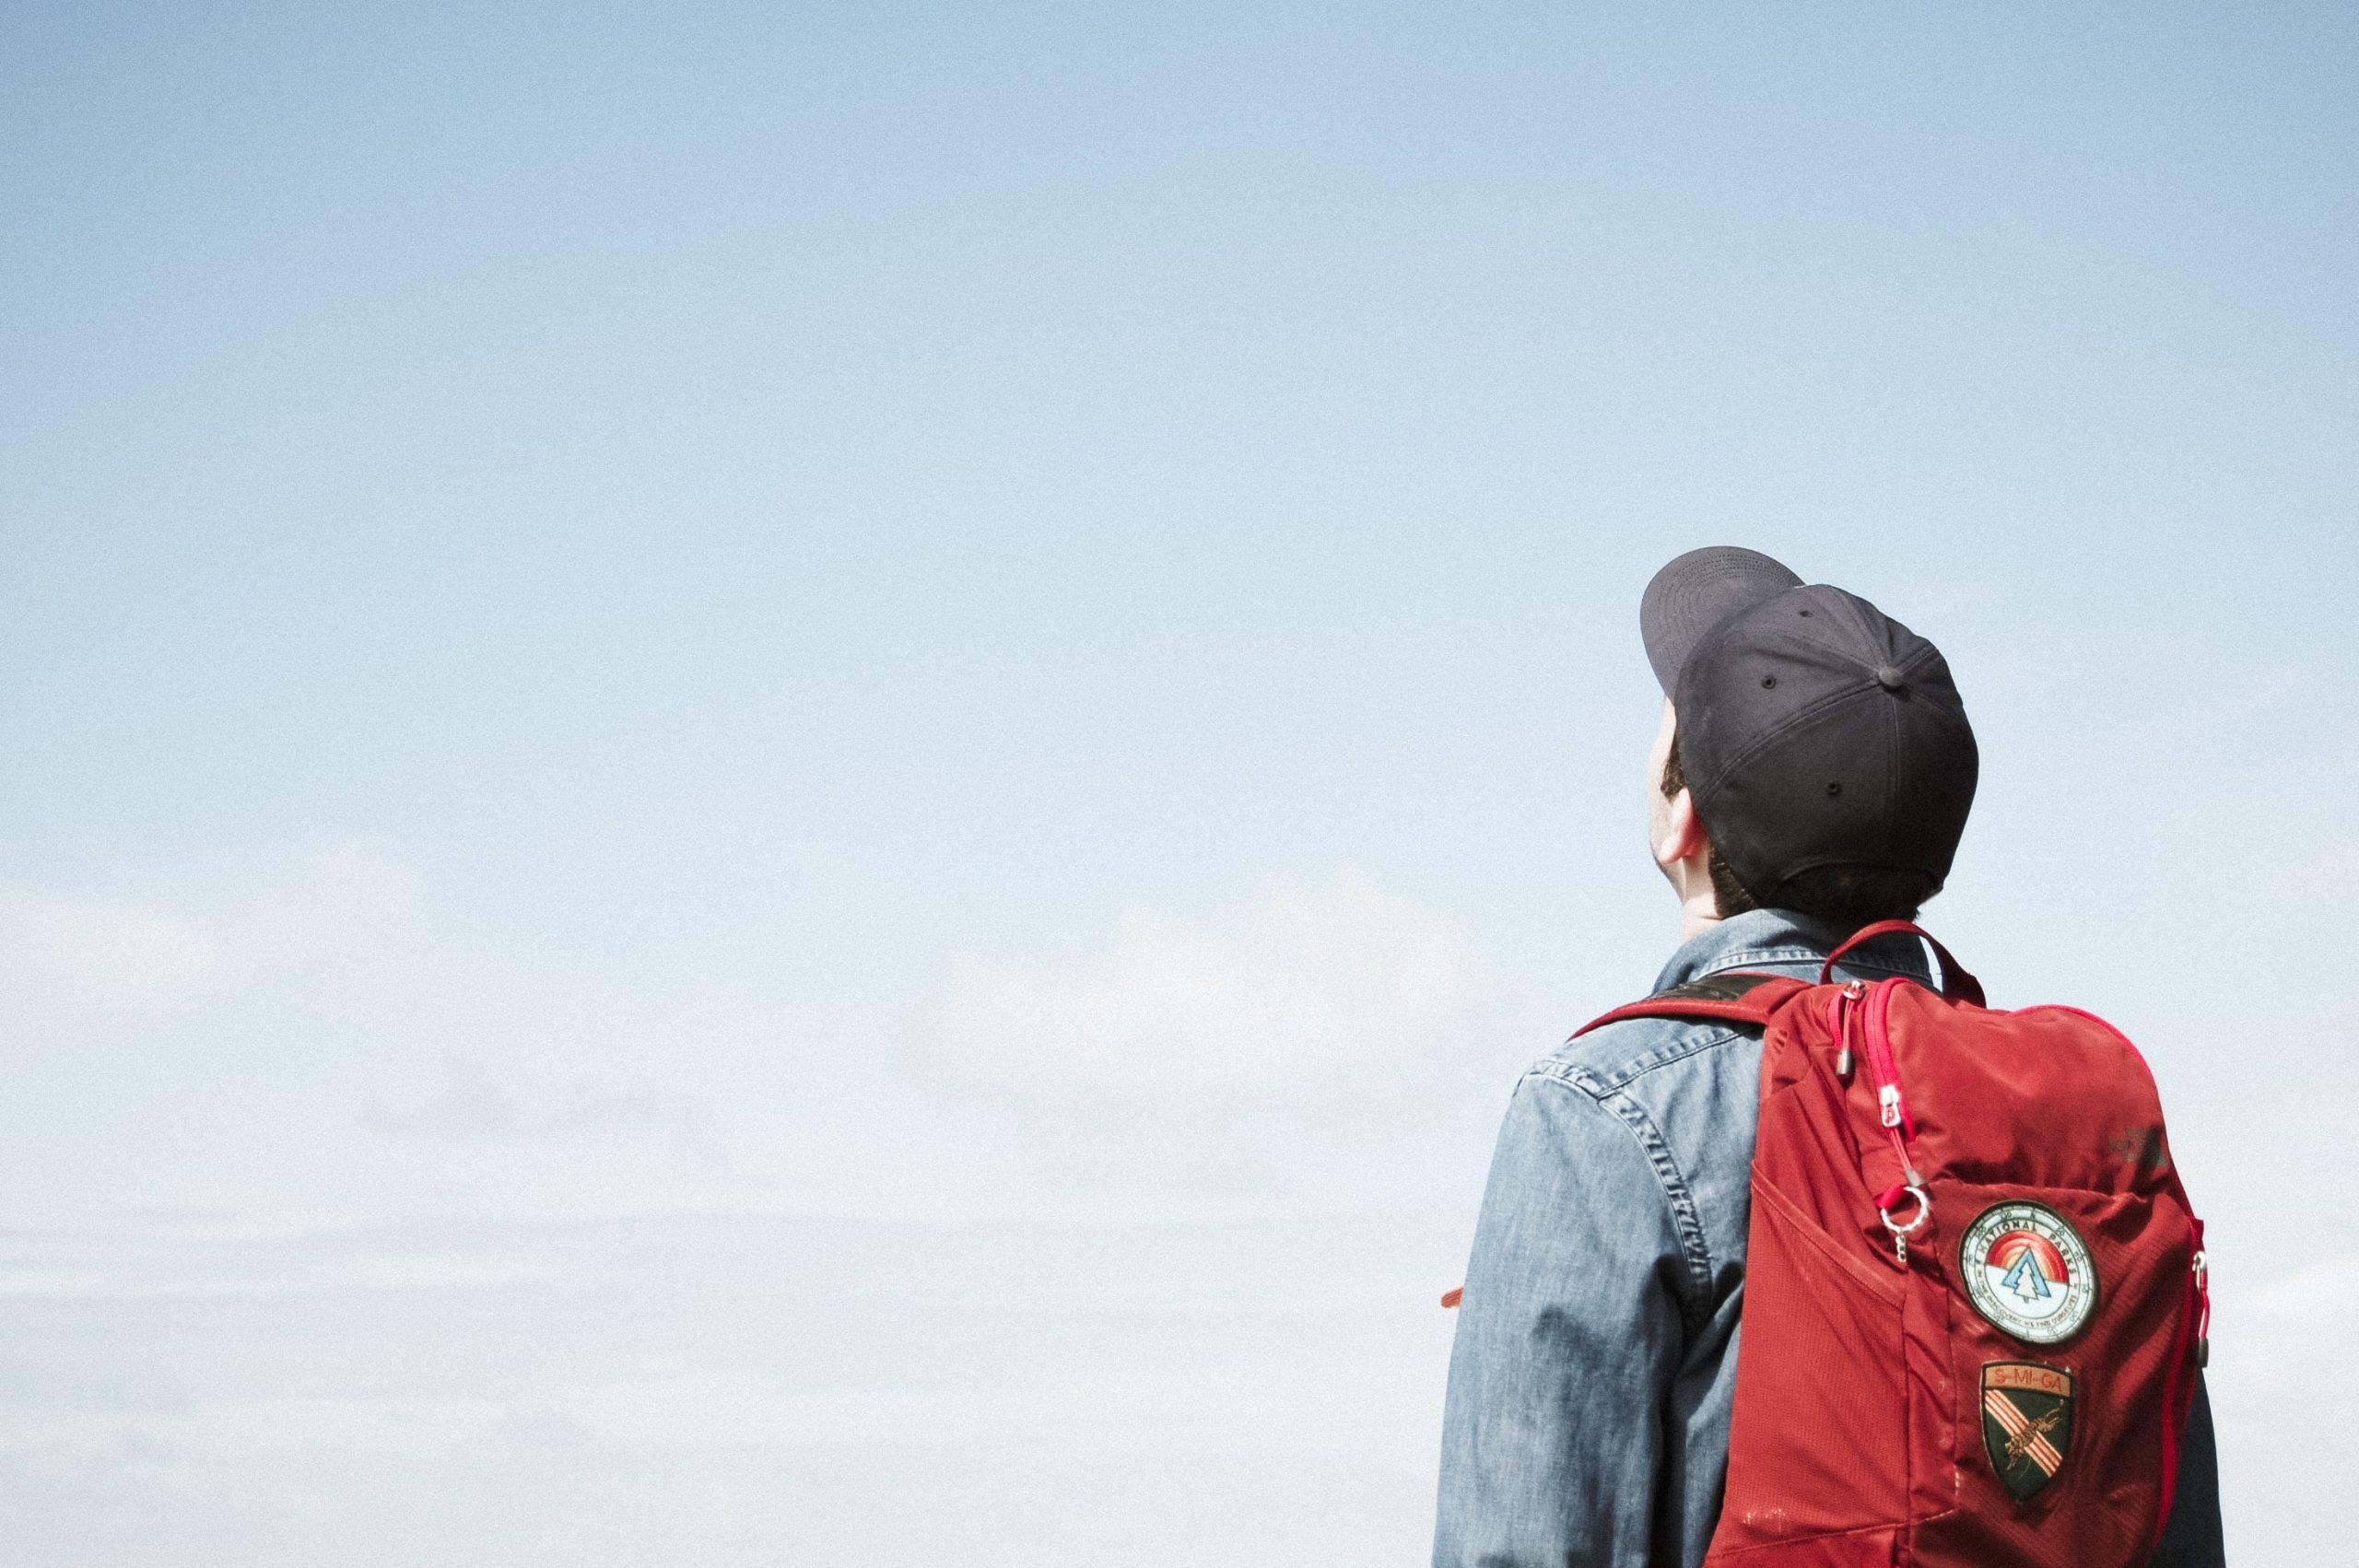 Mielenterveyden tukeminen nuorten silmin